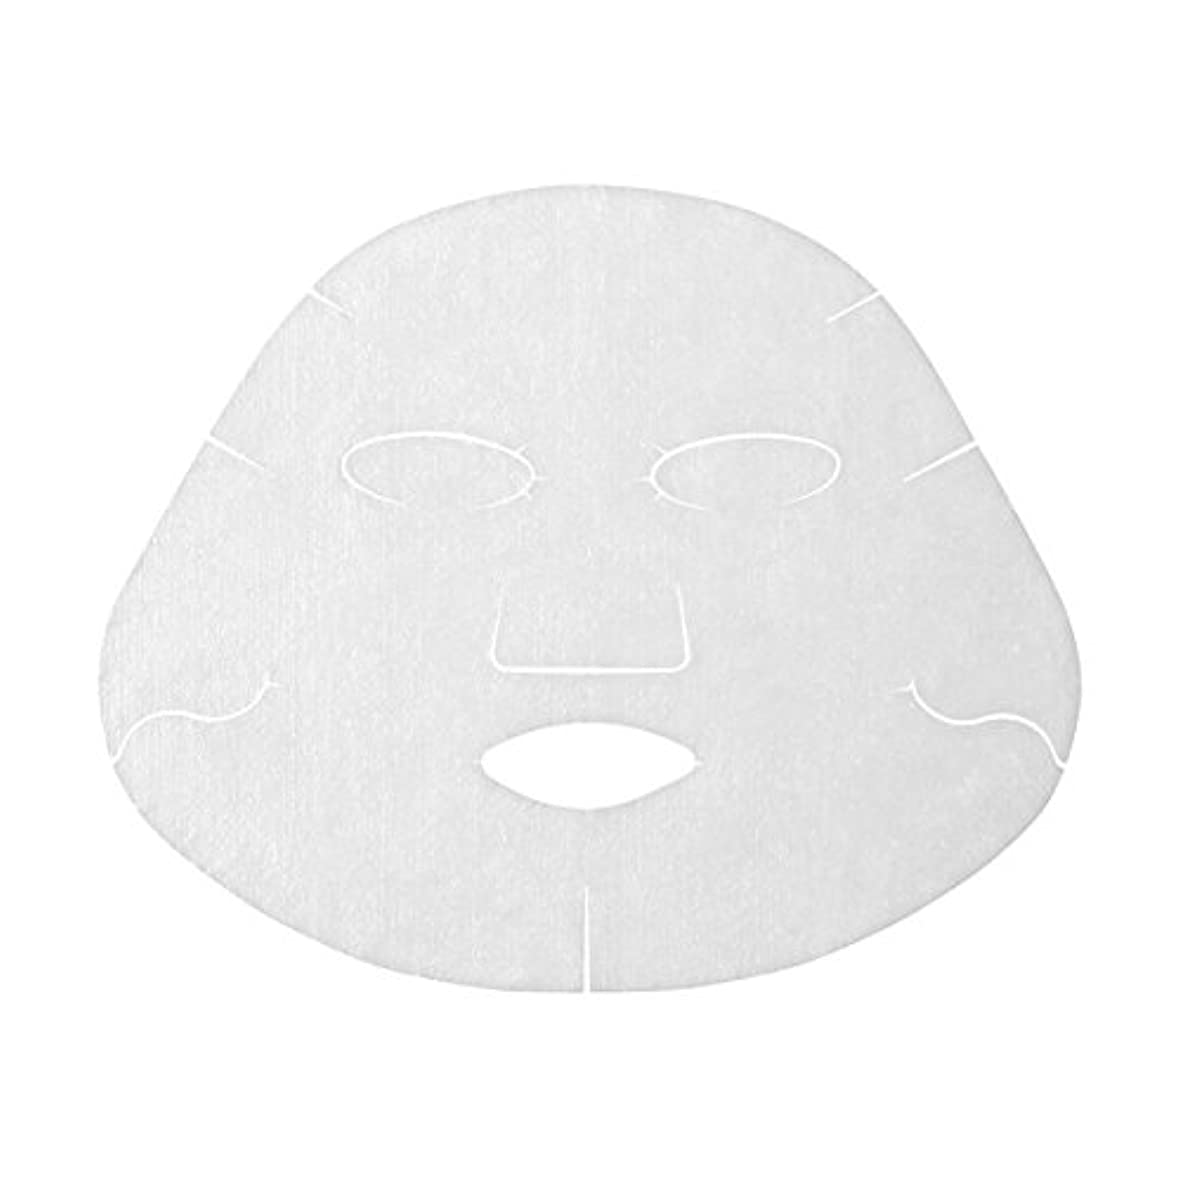 戻す控えめなシャットアクアレーベル リセットホワイトマスク <1枚入り> 18mL×1枚 【医薬部外品】